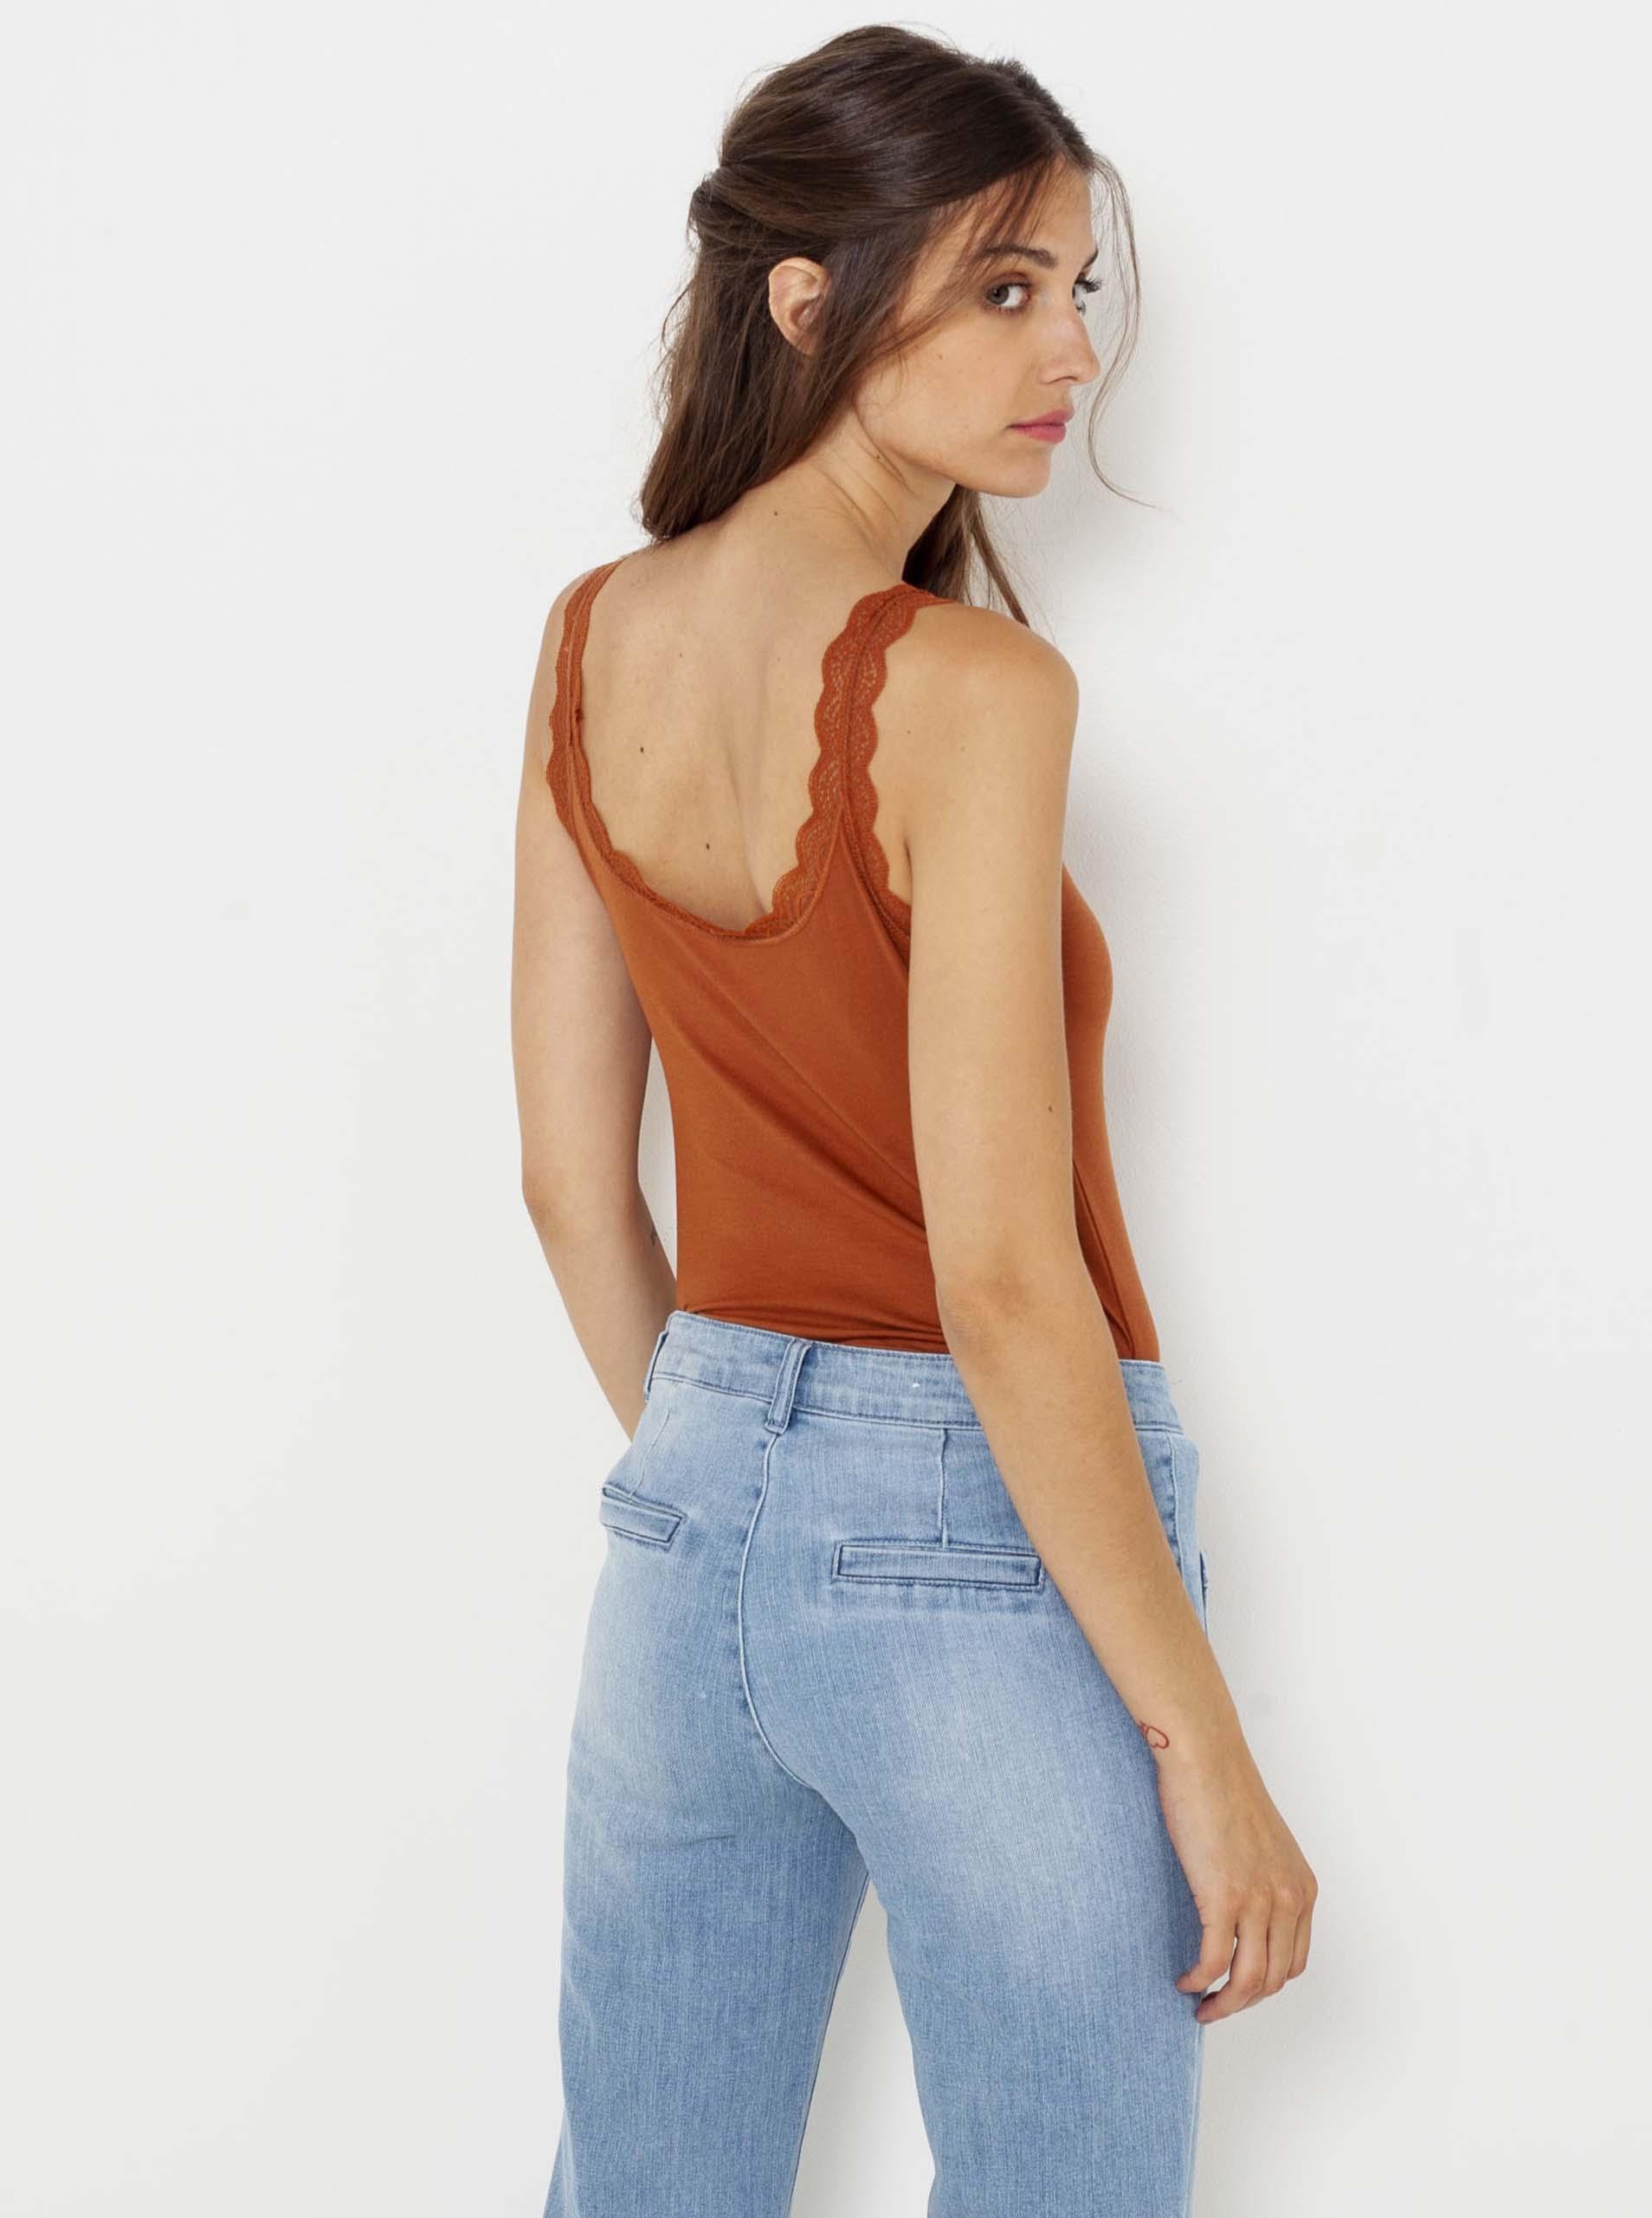 CAMAIEU orange top with lace